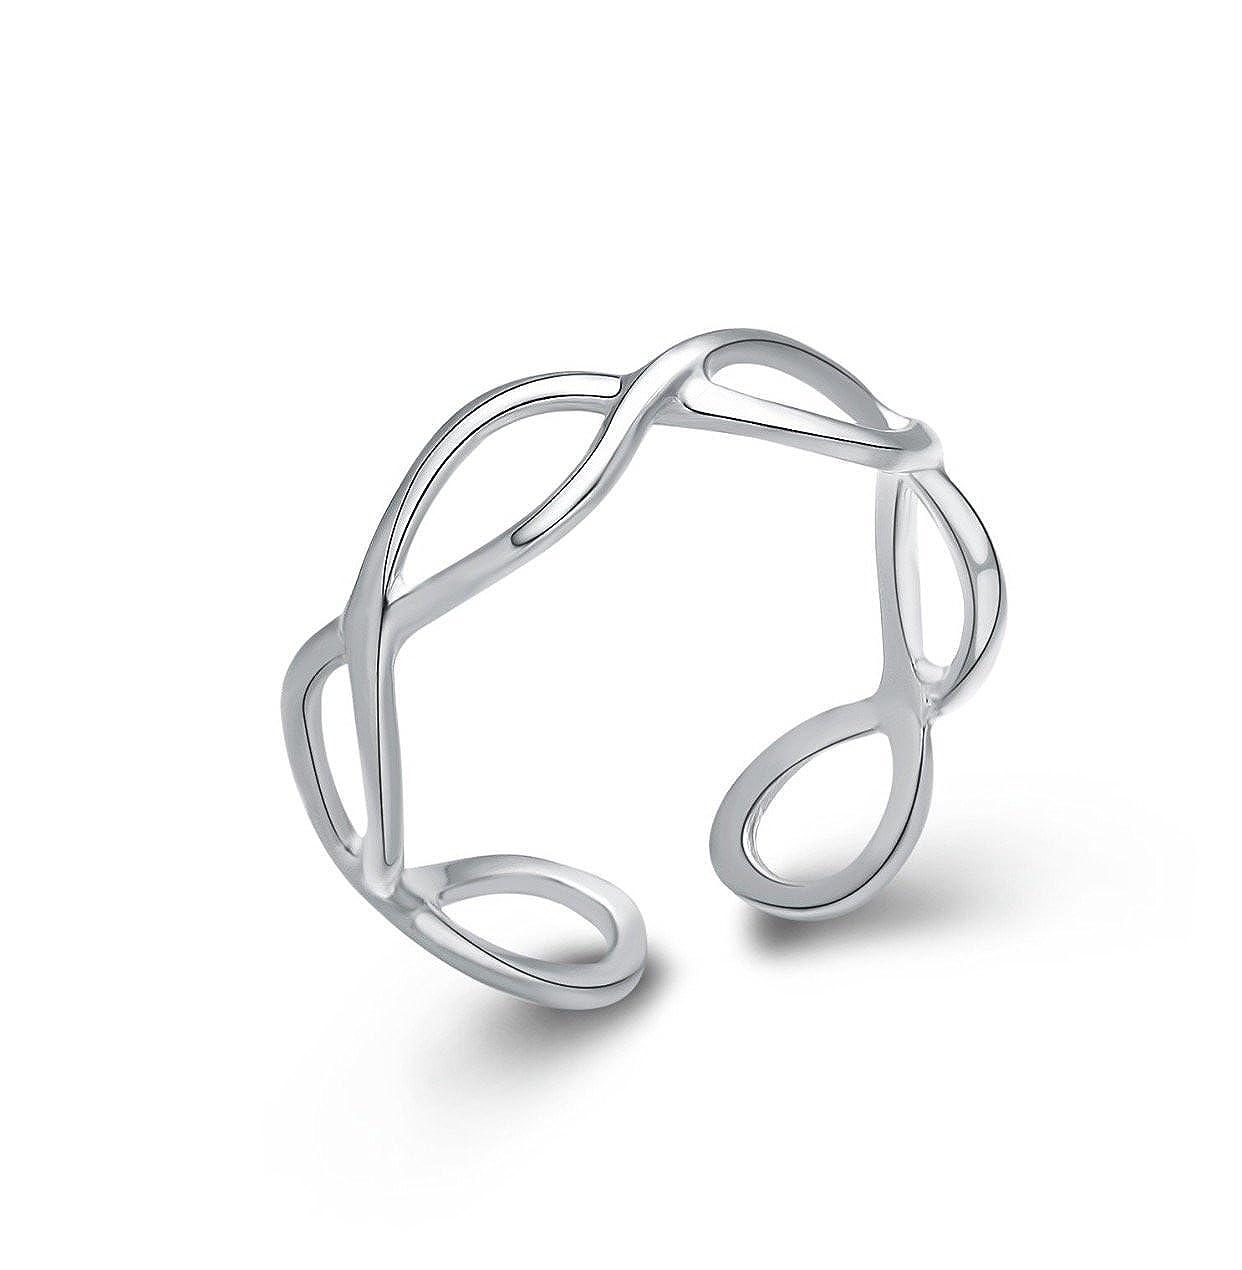 Iszie gioielli in argento Sterling anello del pollice, MIDI anello regolabile infinity Open Twist Hollow Cross design anello moda da donna MIDI anello regolabile infinity Open Twist Hollow Cross design anello moda da donna e Argento colore: Silver ISZ-221